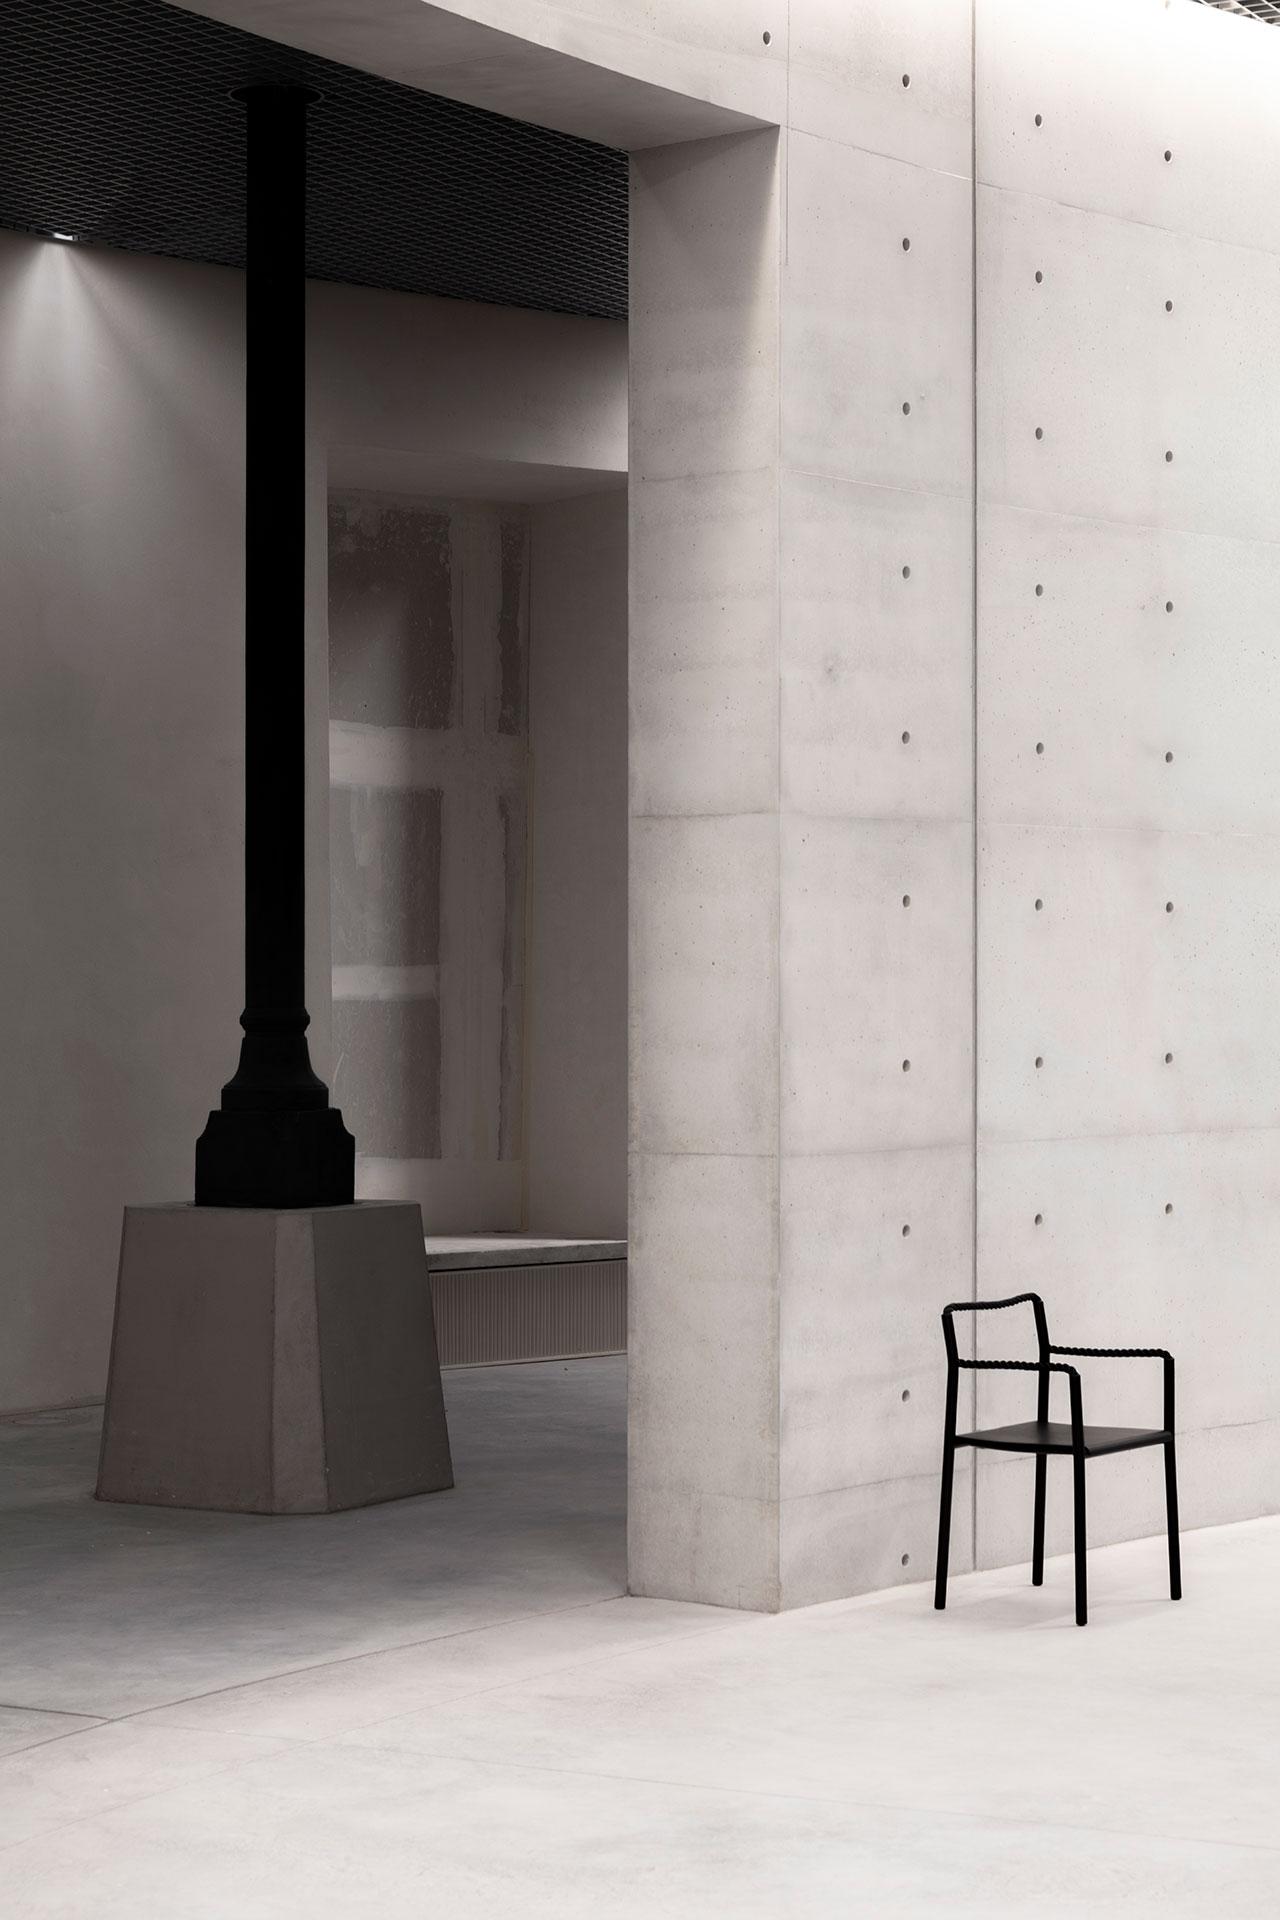 Ronan et Erwan Bouroullec, Chaise corde, 2020. © Studio Bouroullec© Tadao Ando Architect & Associates, NeM / Niney et MarcaCourtesy Bourse de Commerce - Pinault Collection